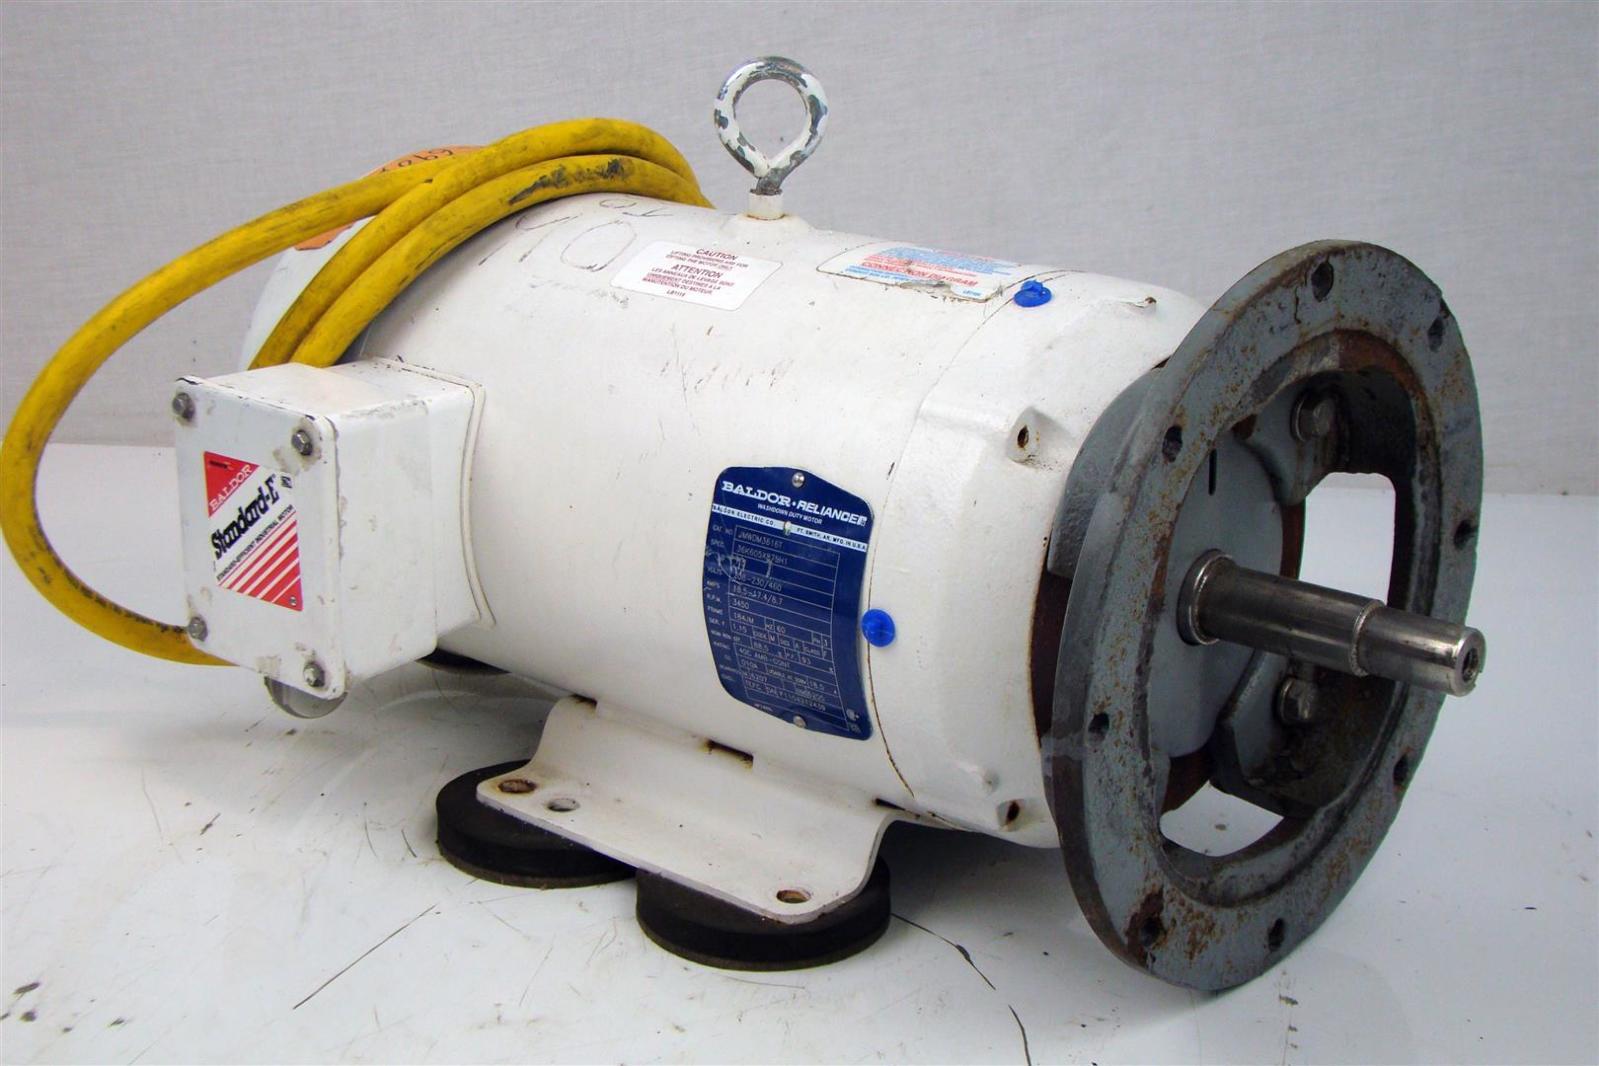 Baldor reliance 7 1 2hp motor 230 460v 3450rpm 3ph 17 4 8 for Baldor reliance motor parts